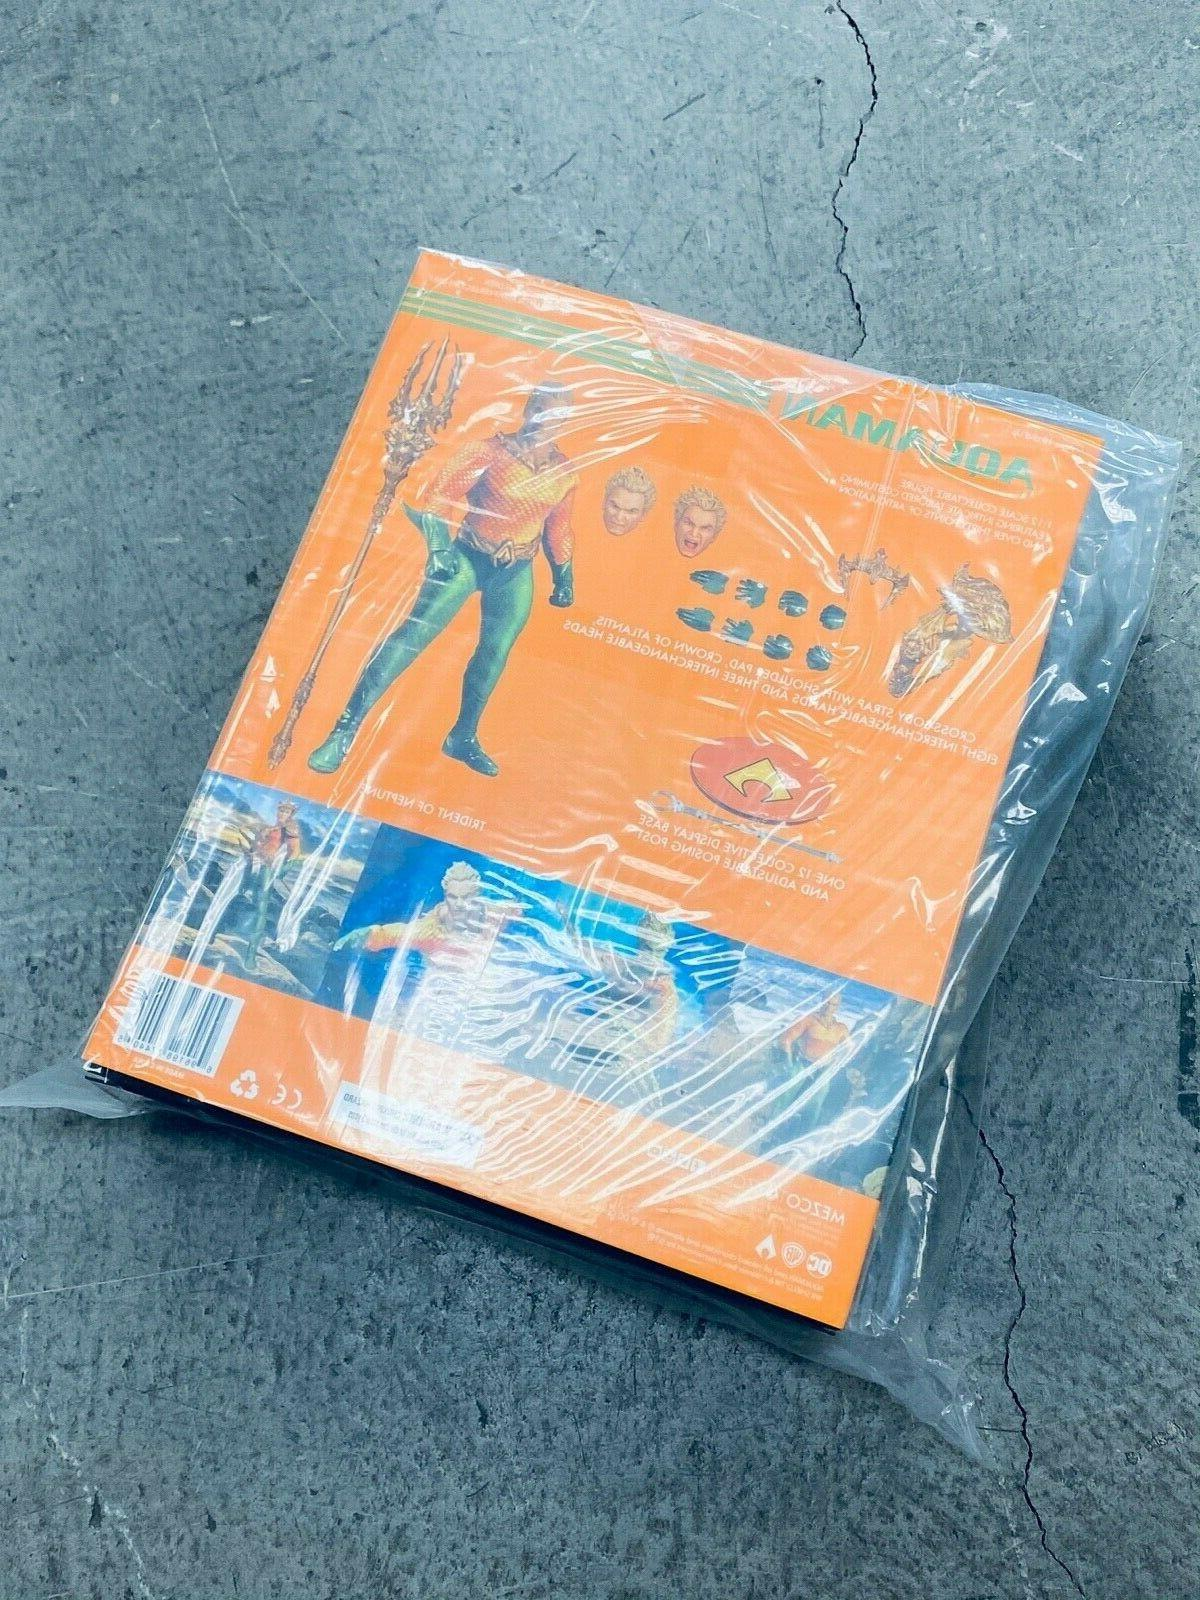 WC77440: MEZCO ONE:12 COLLECTIVE DC Aquaman 6